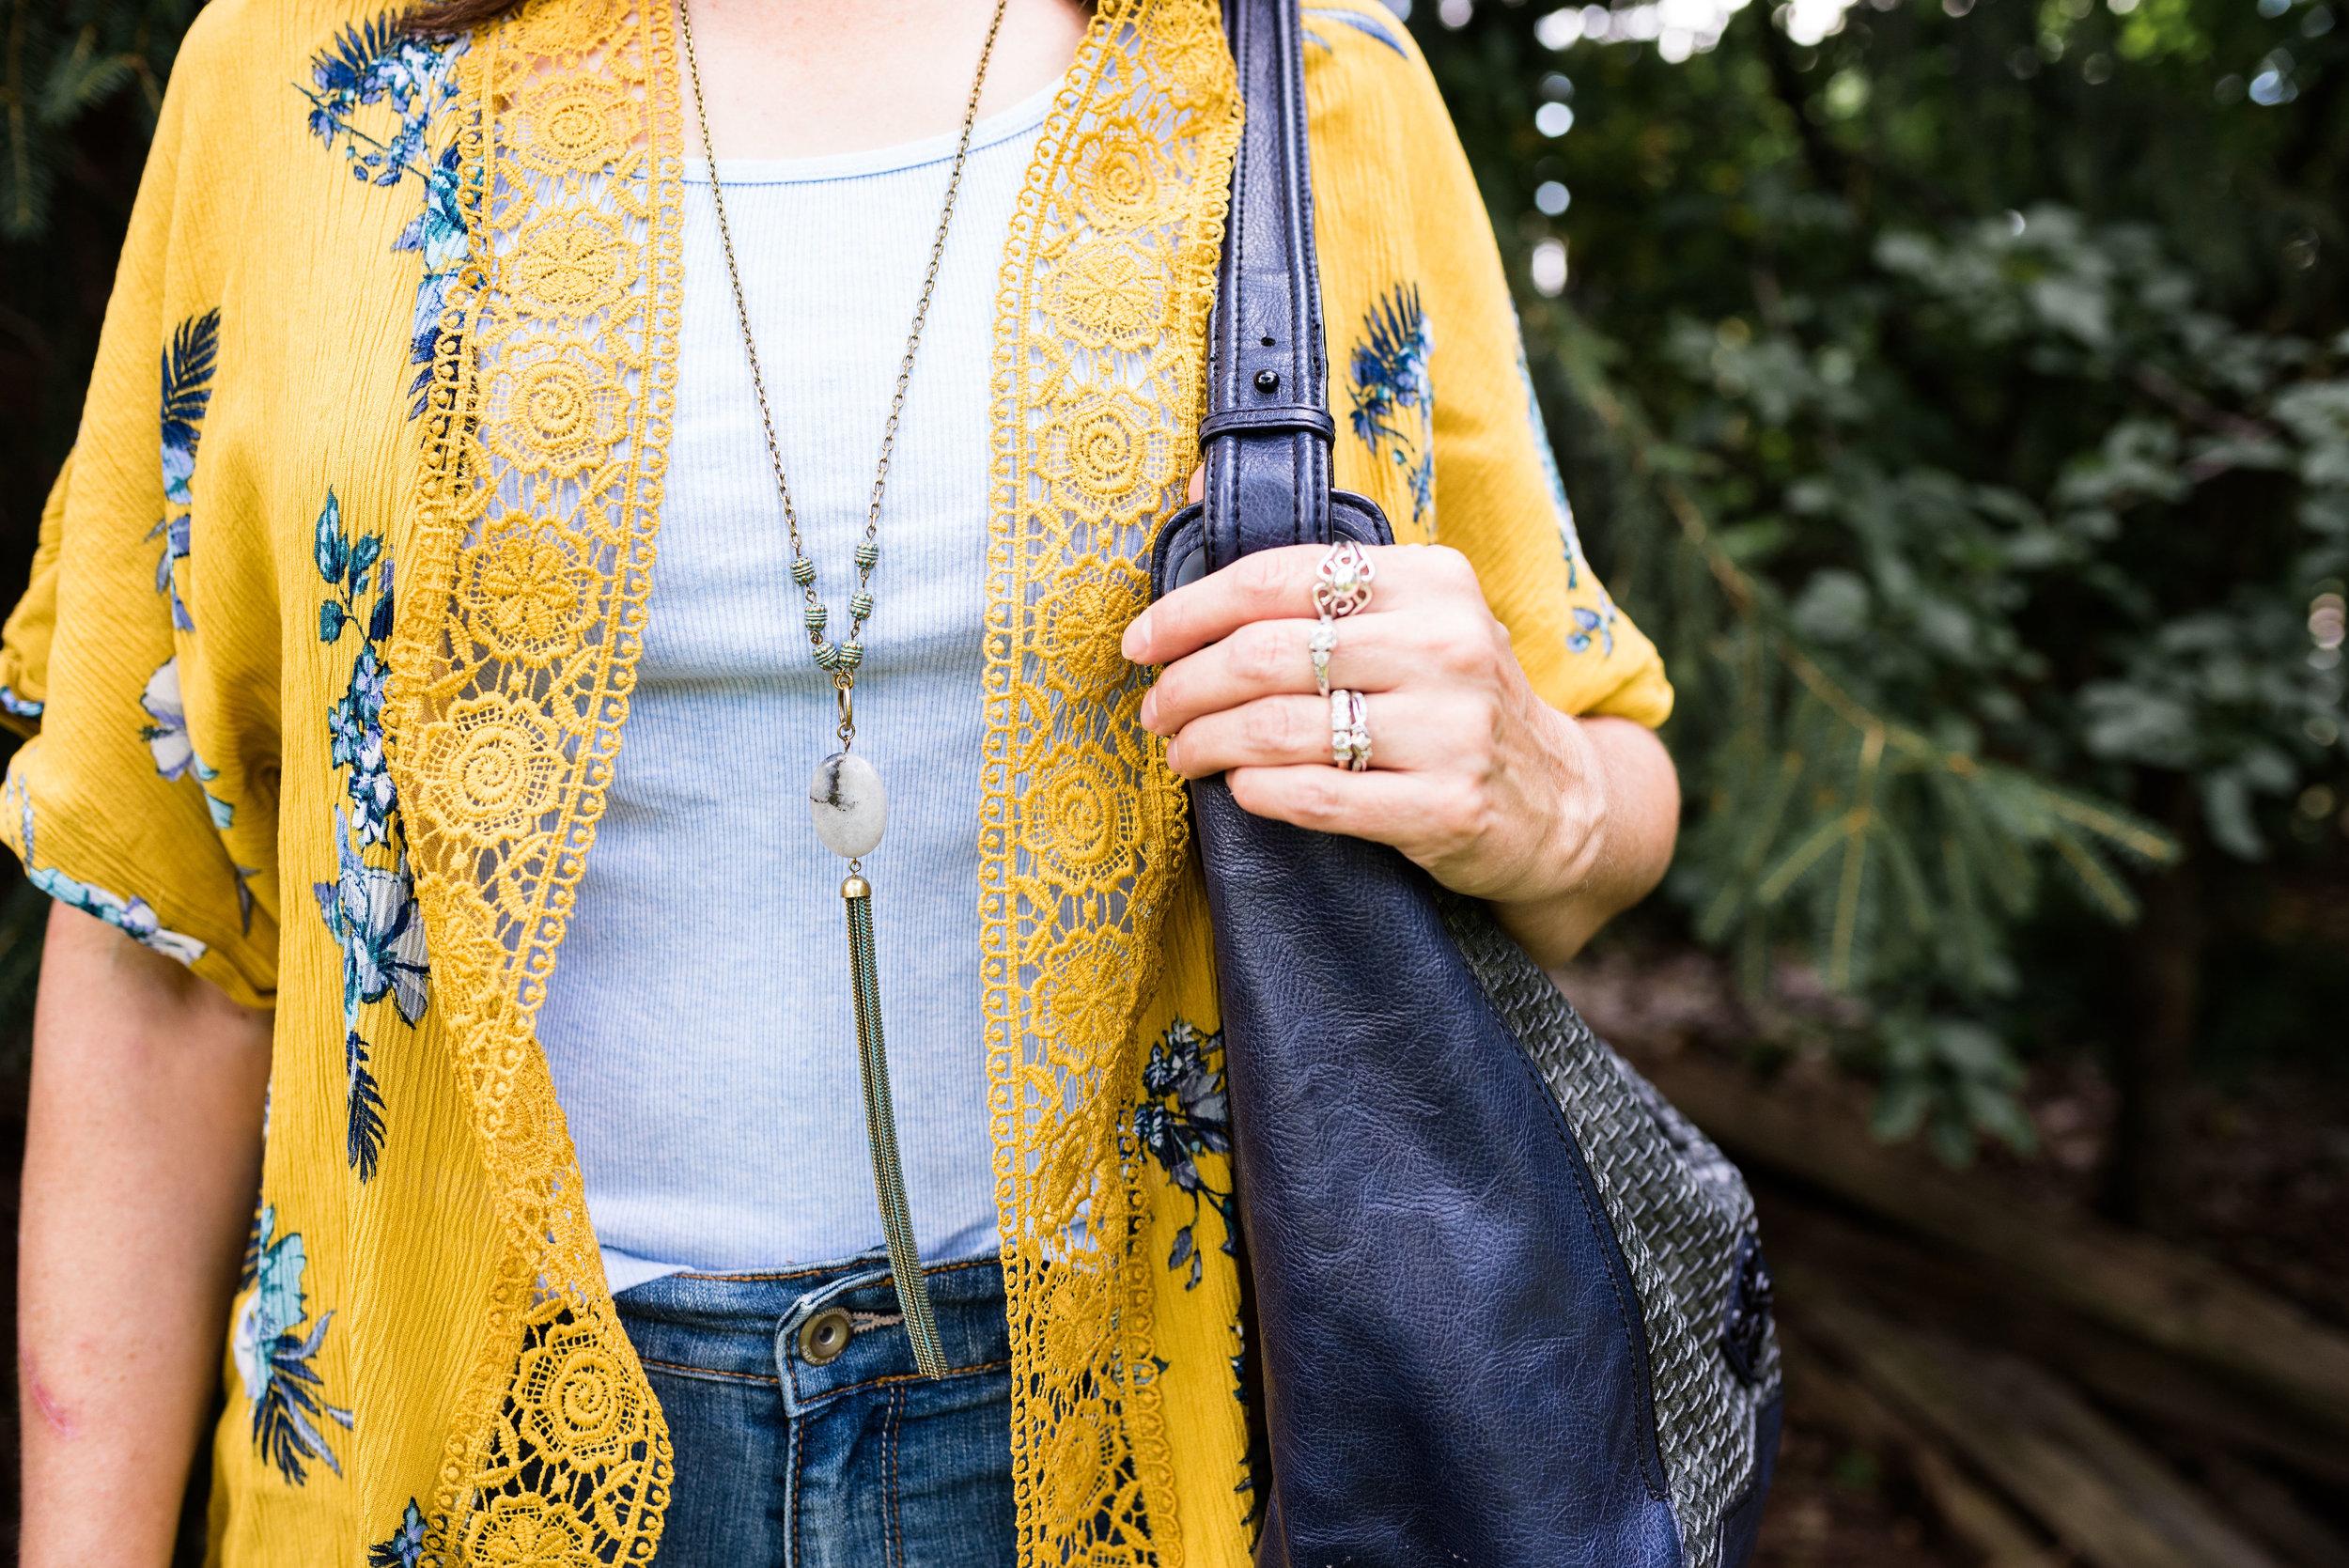 kimono or ruana - yellow short kimono